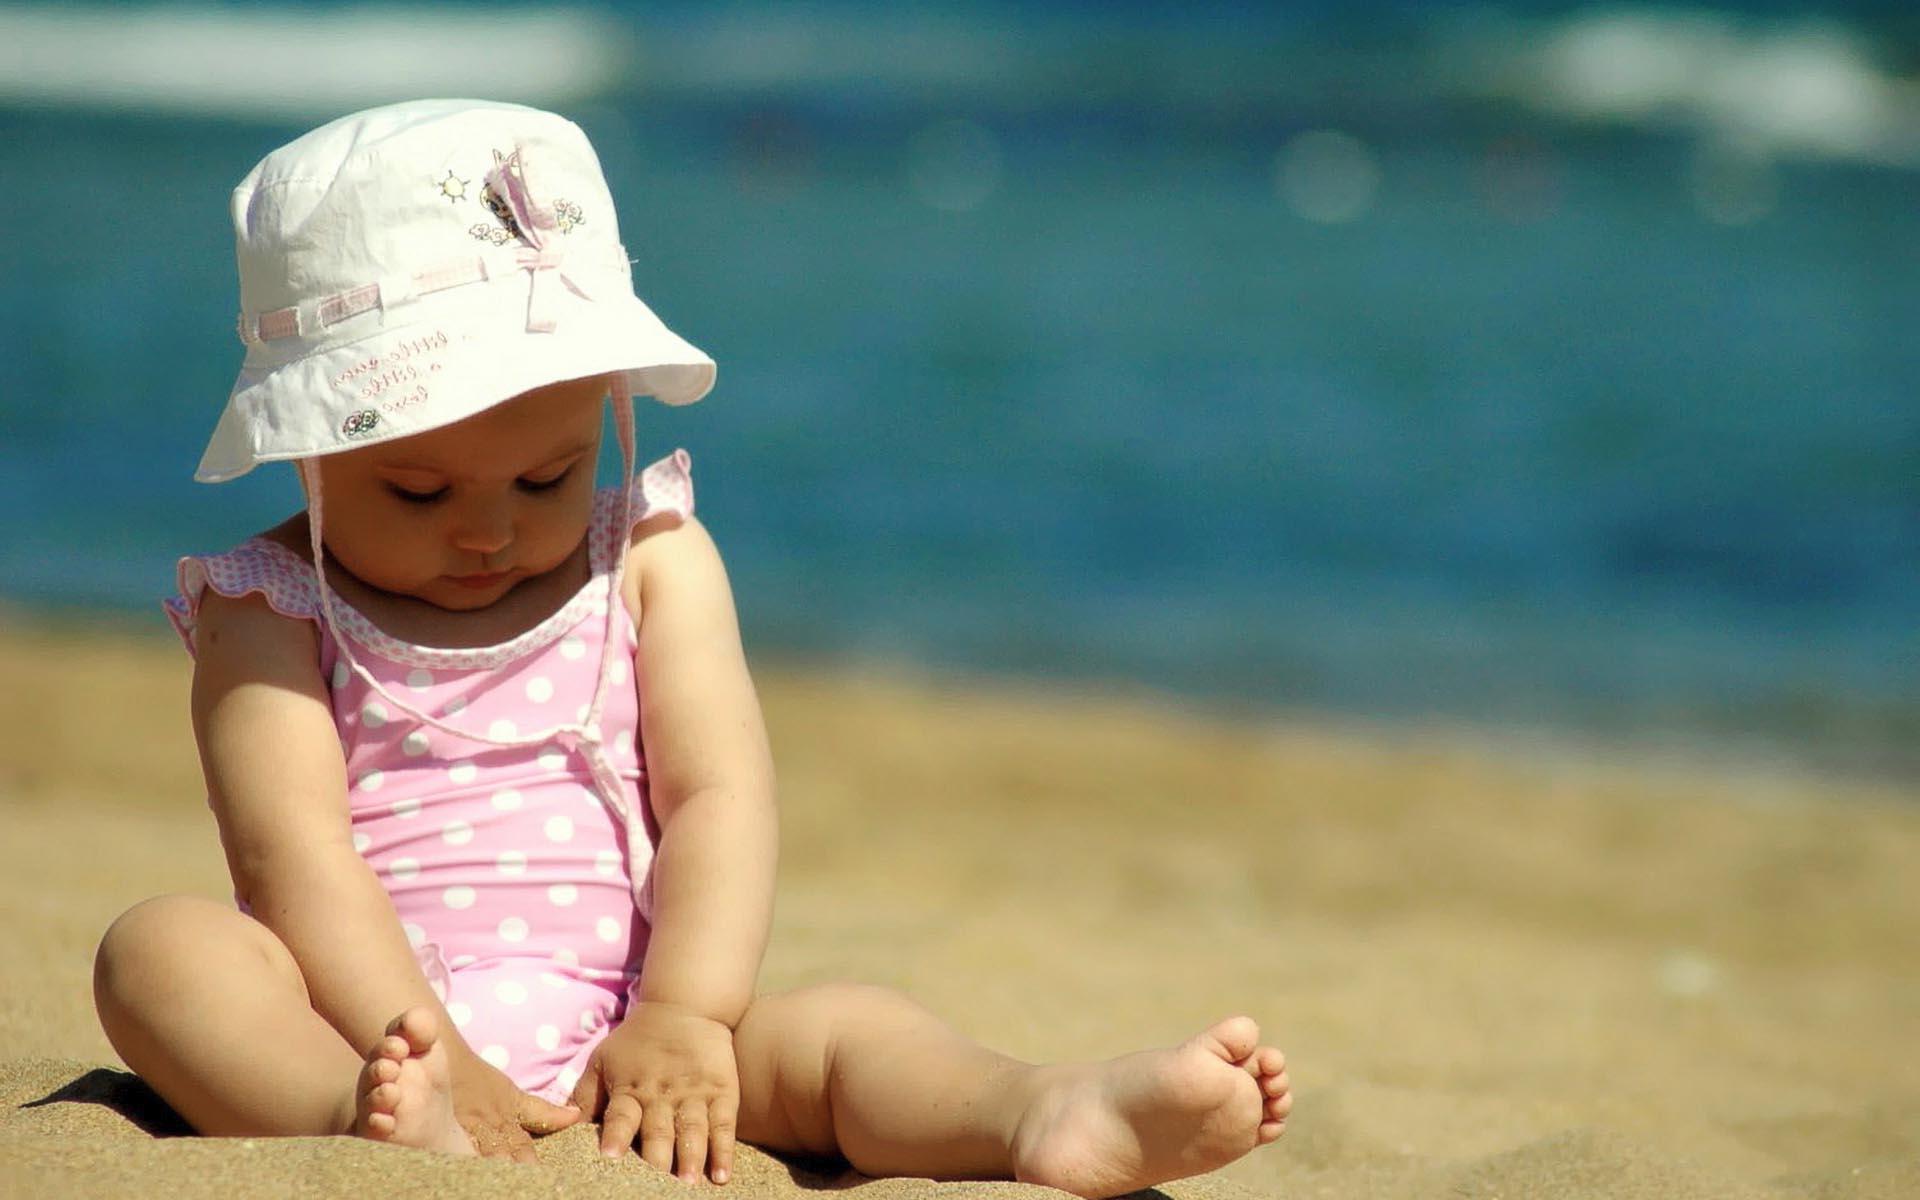 детские болезни,летний отдых детей